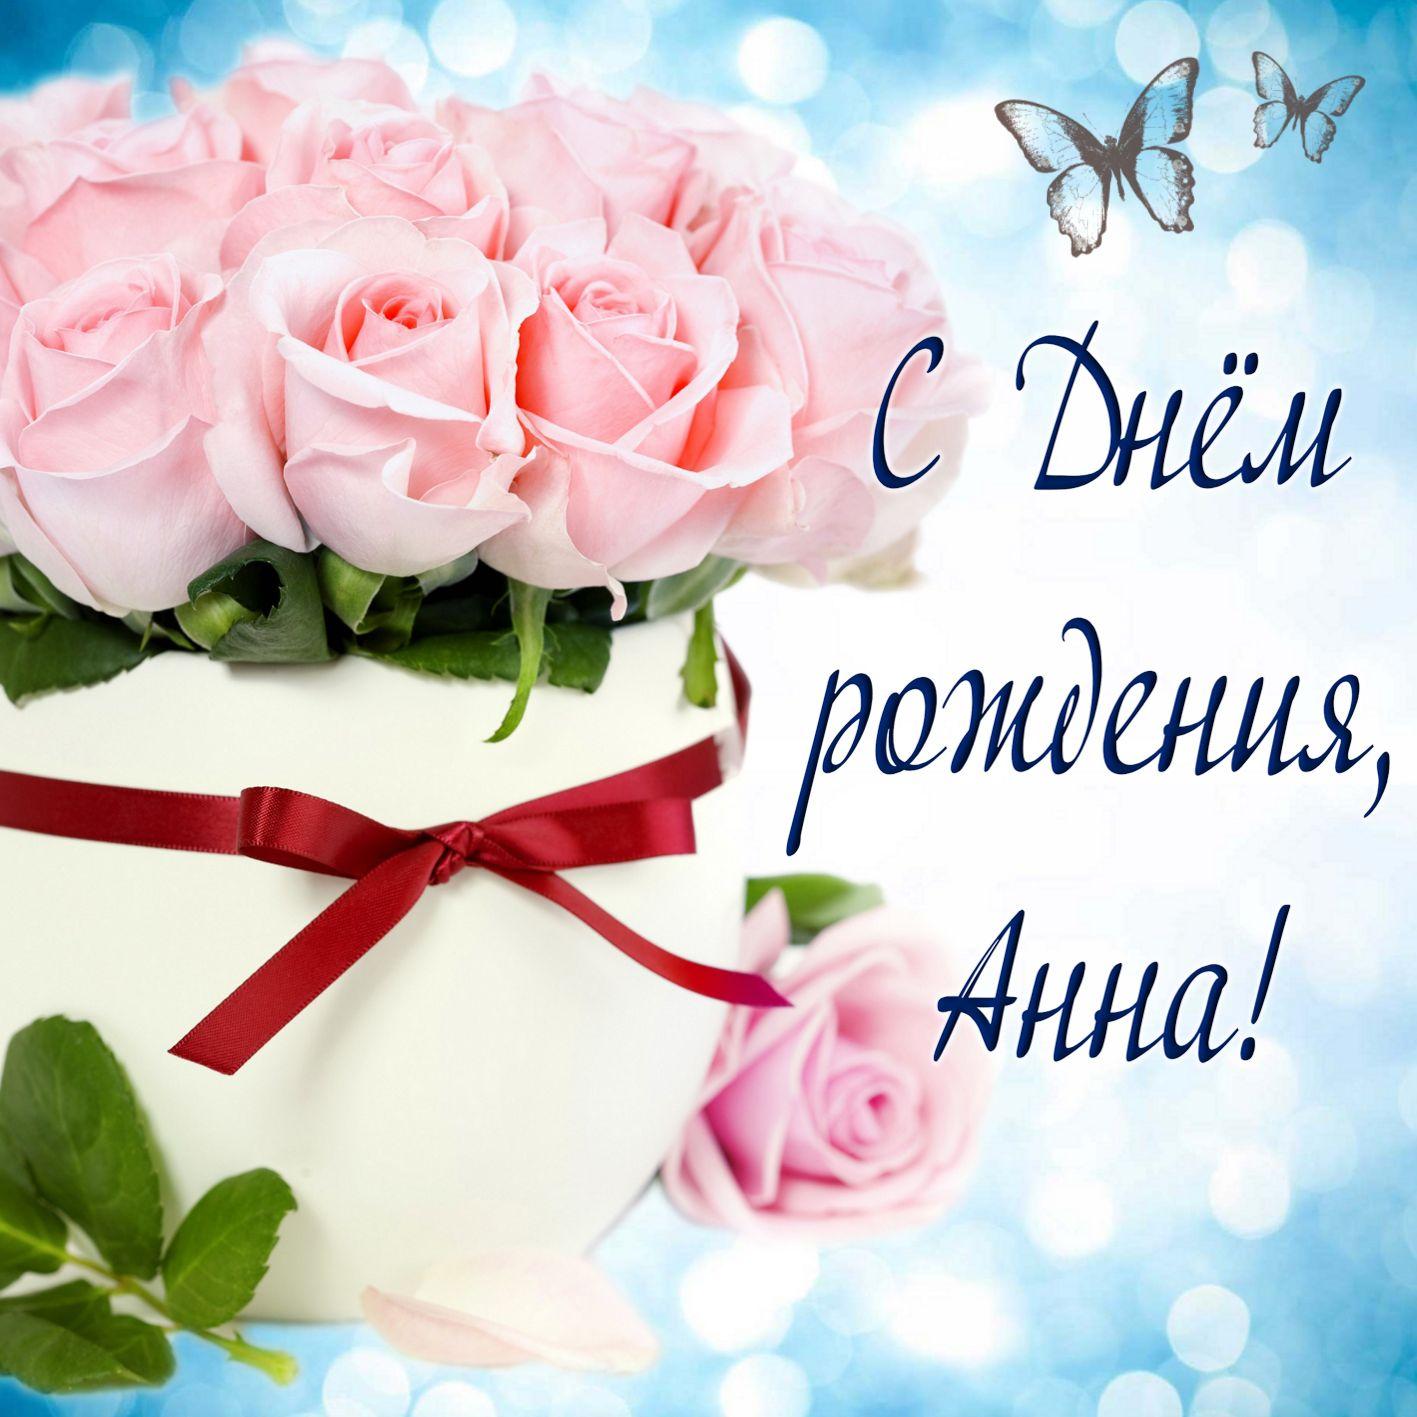 Открытка с Днем рождения для Анны - нежные розы в красивом оформлении